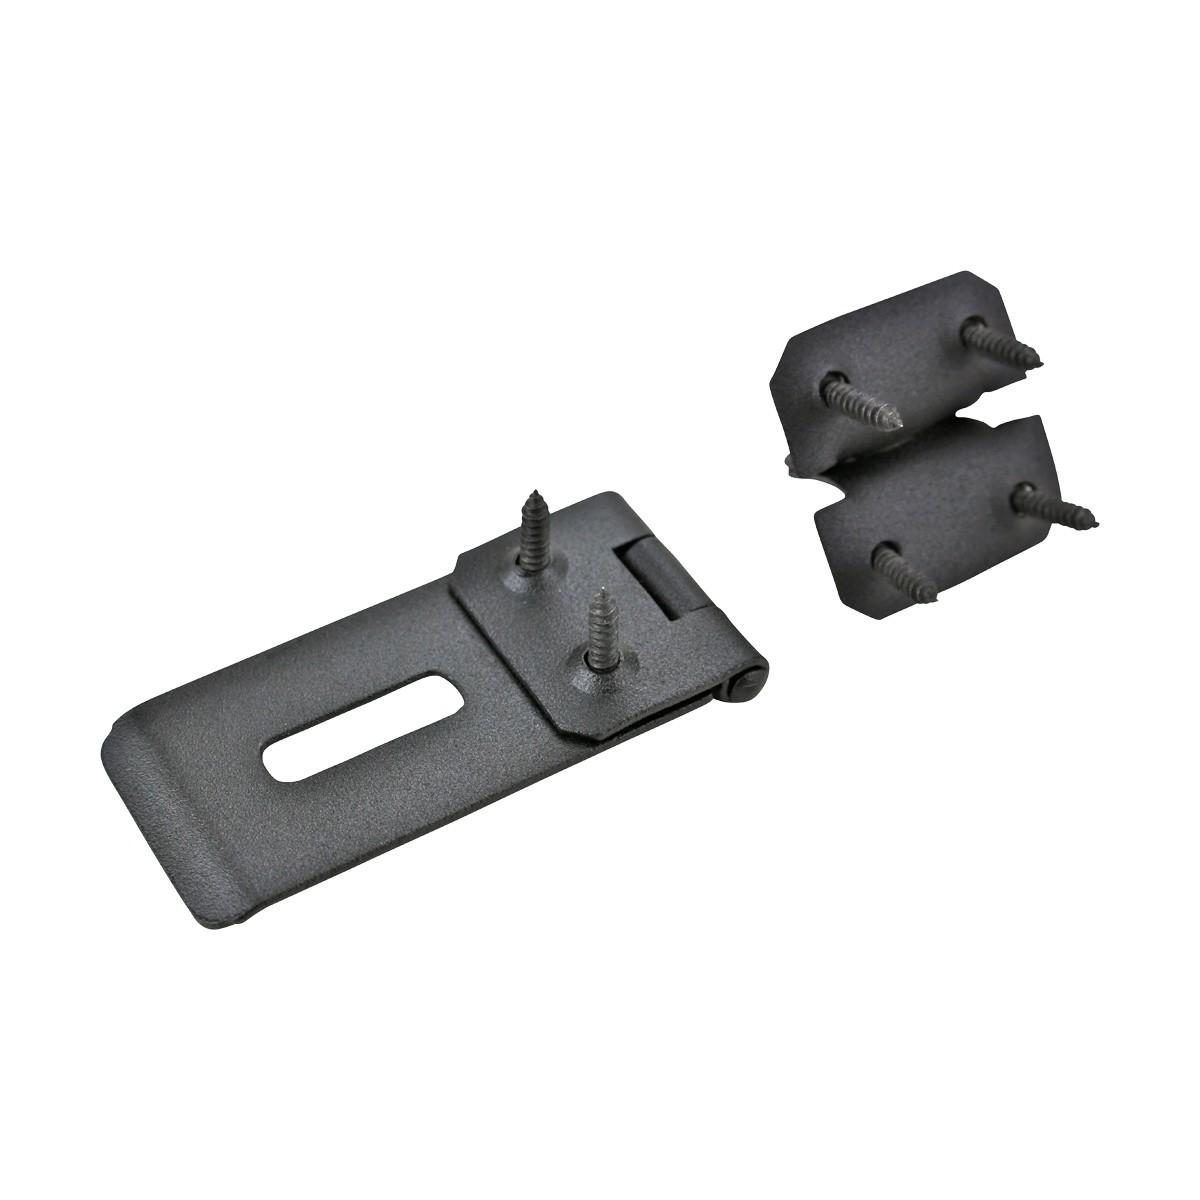 4 Pcs Hasps Black Iron 1 34 H x 4 14 W Hasps Black Iron Hasp Wrought Iron Hasp